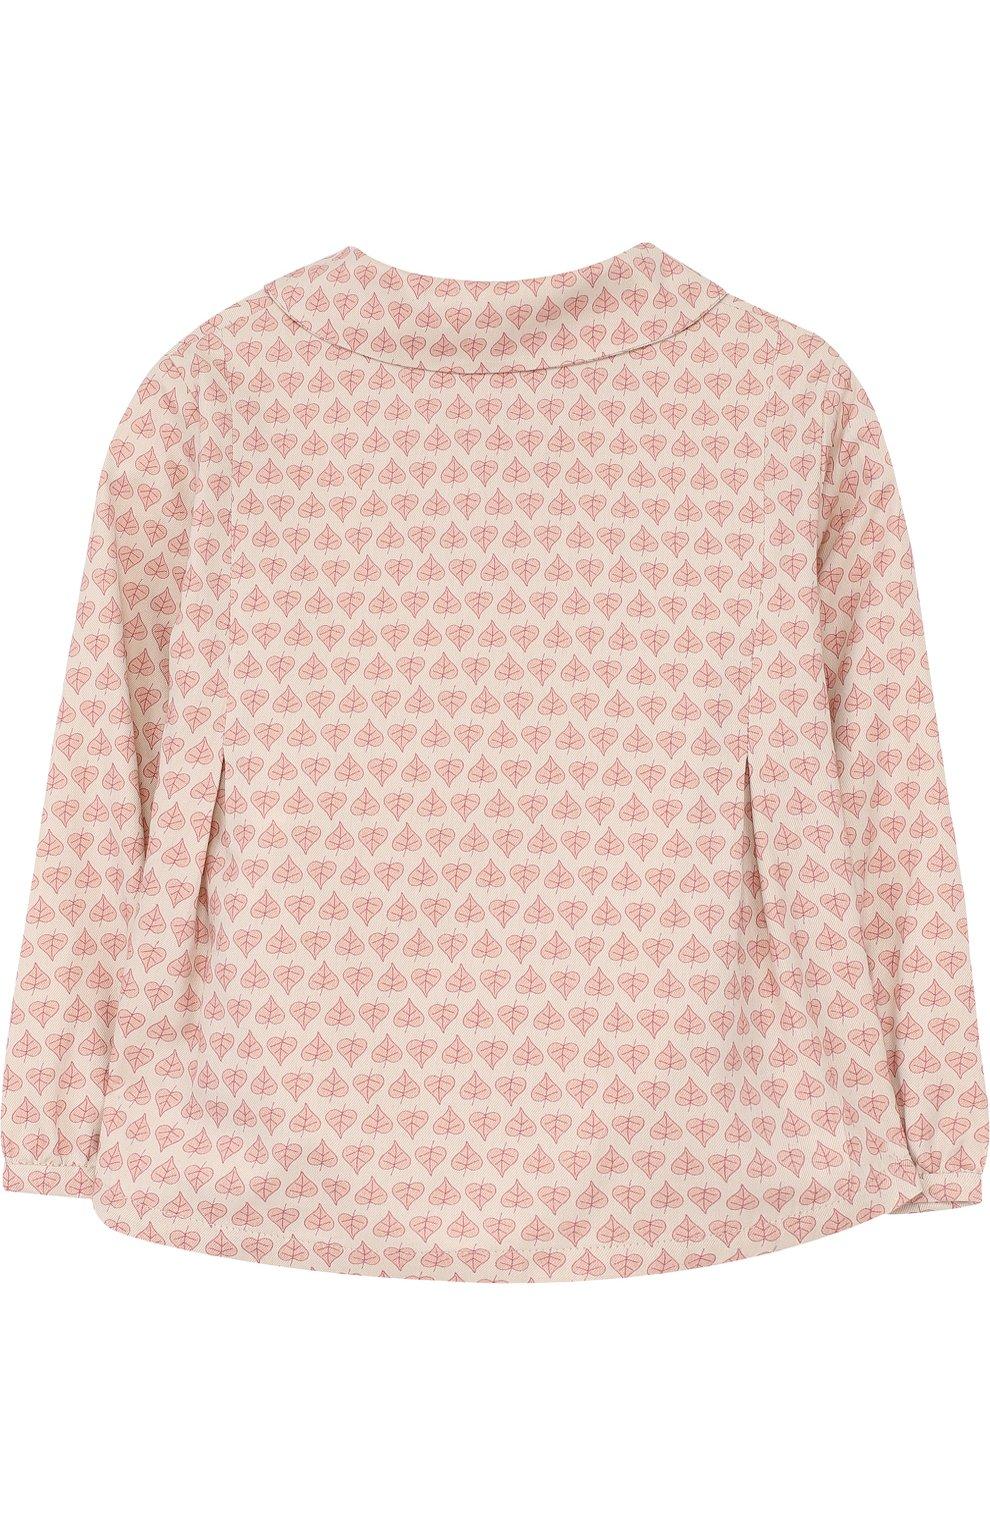 Хлопковая блуза с принтом   Фото №2